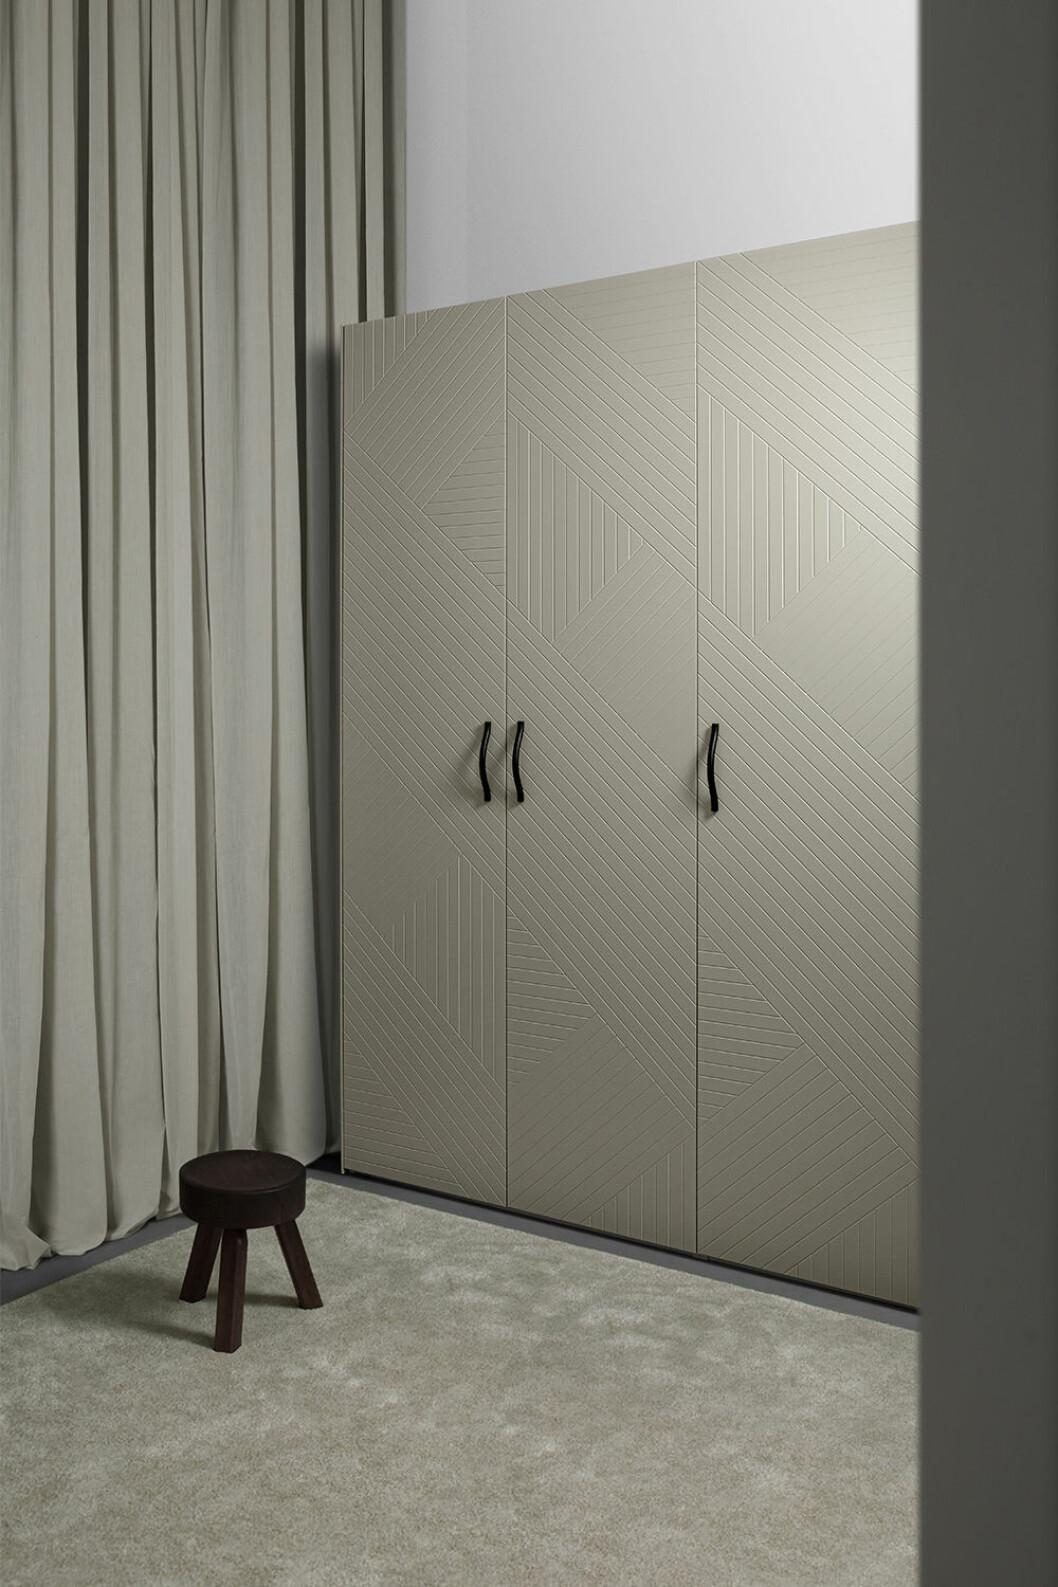 Pax-garderob med dörrar i färgen desert sand från Superfront